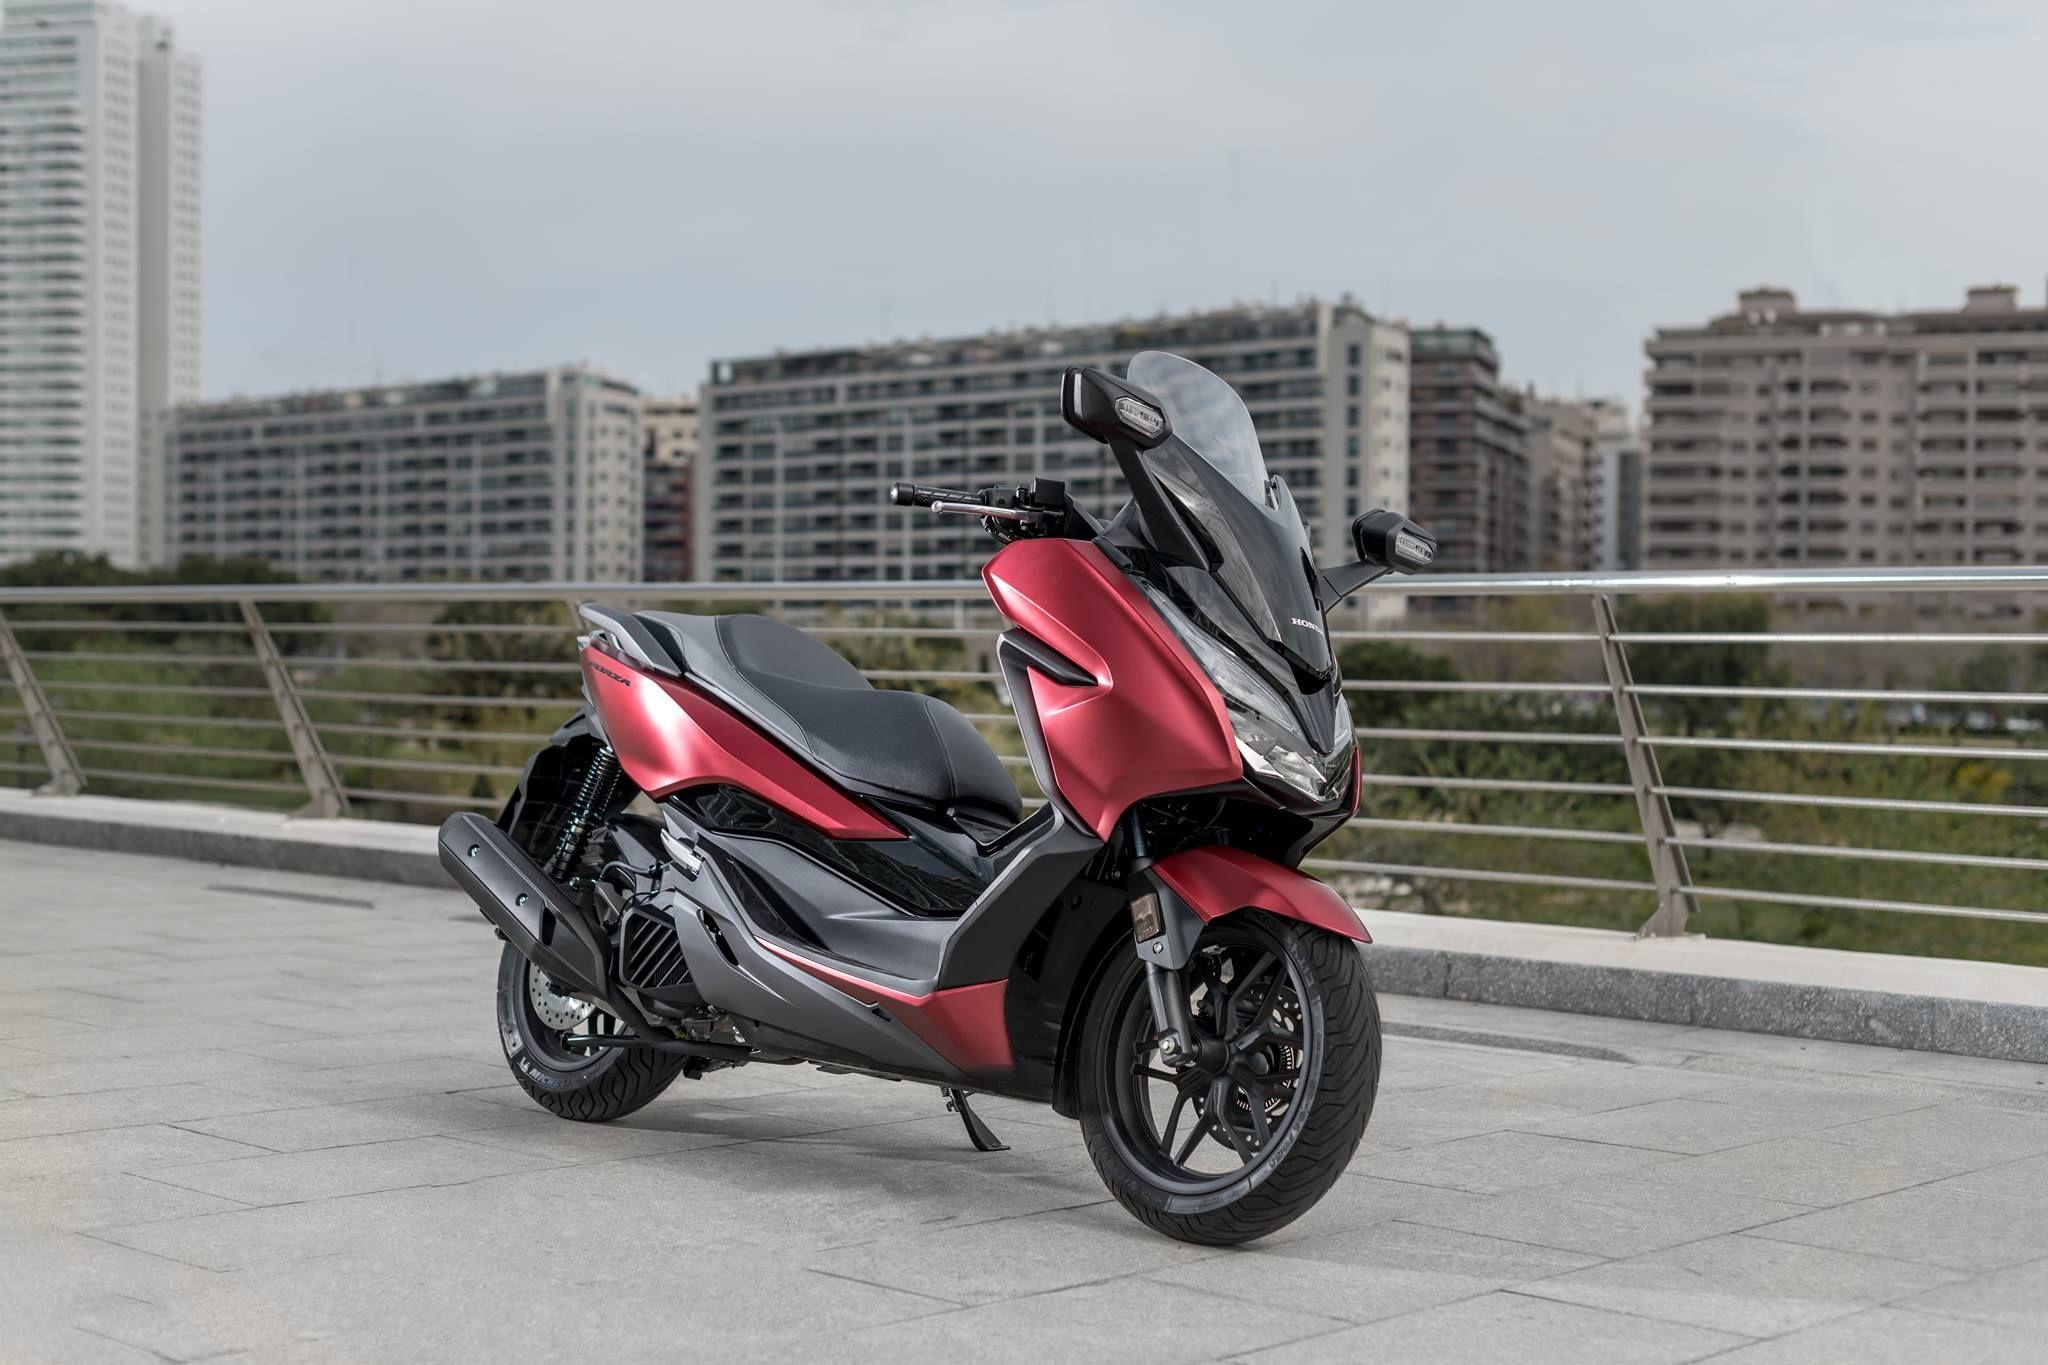 Venta de motos: ¿Qué ofrecemos? de Motos Borbó